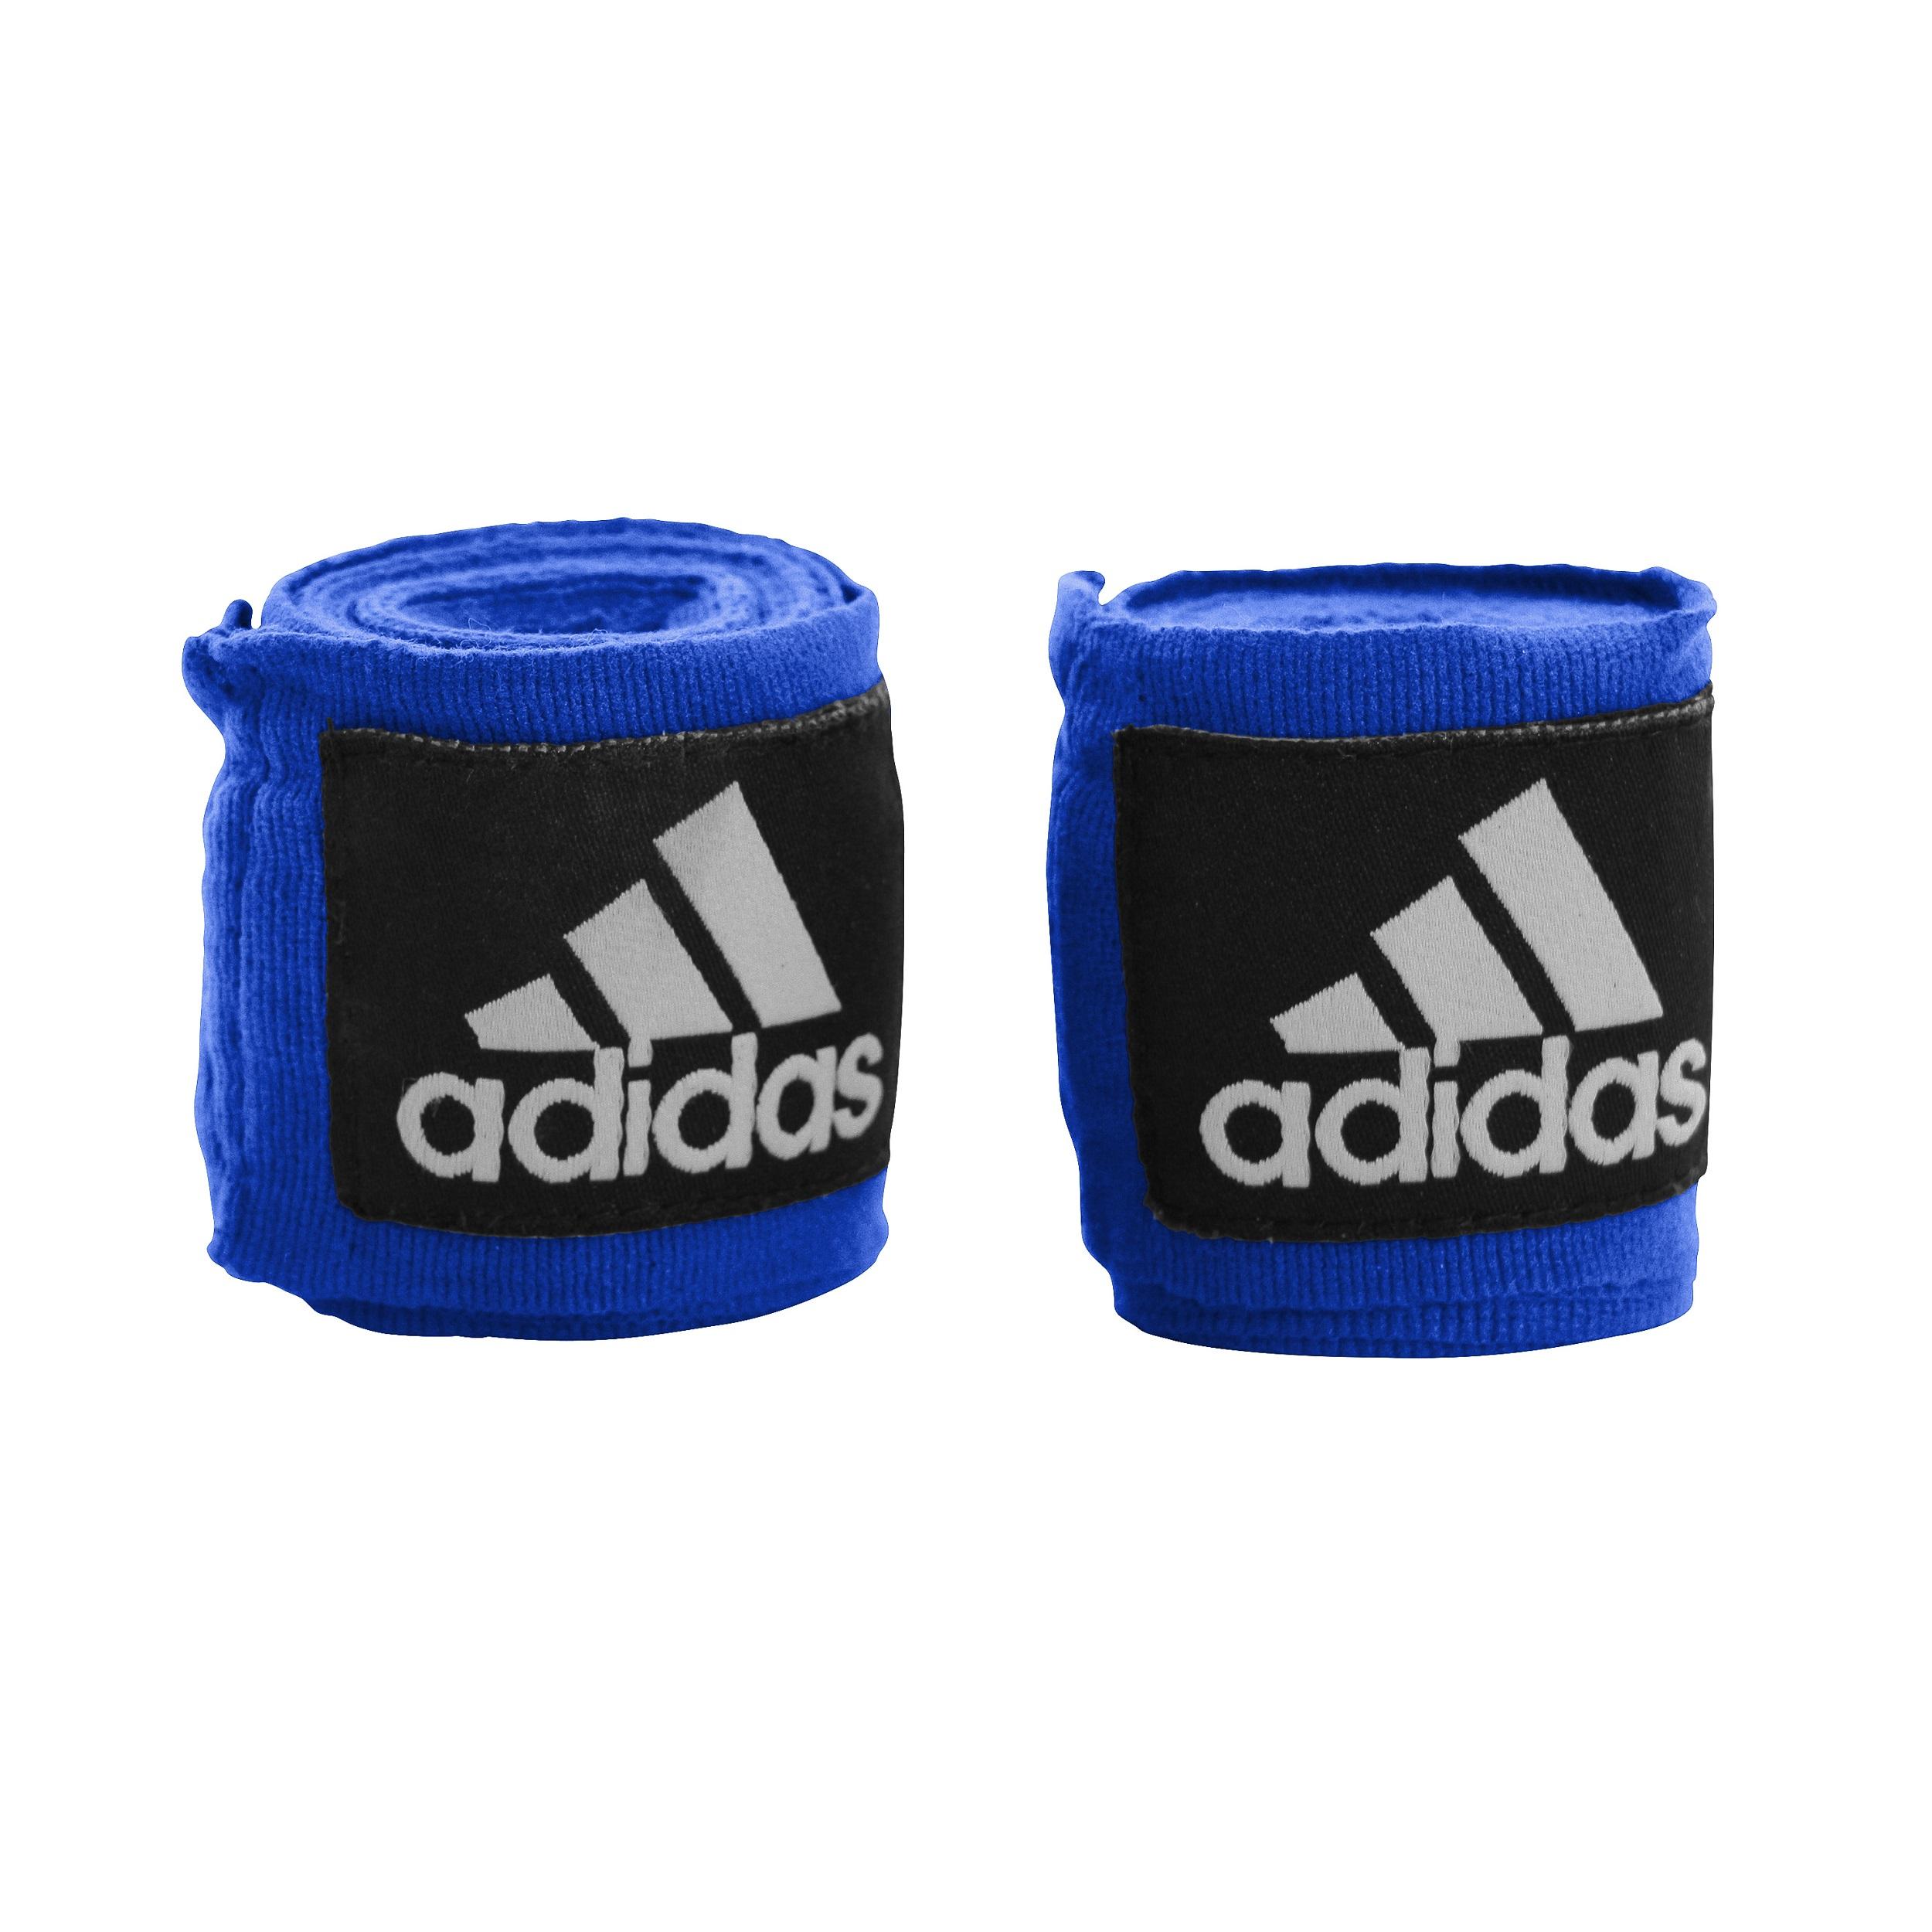 Adidas Bandages - Blauw - 255 cm